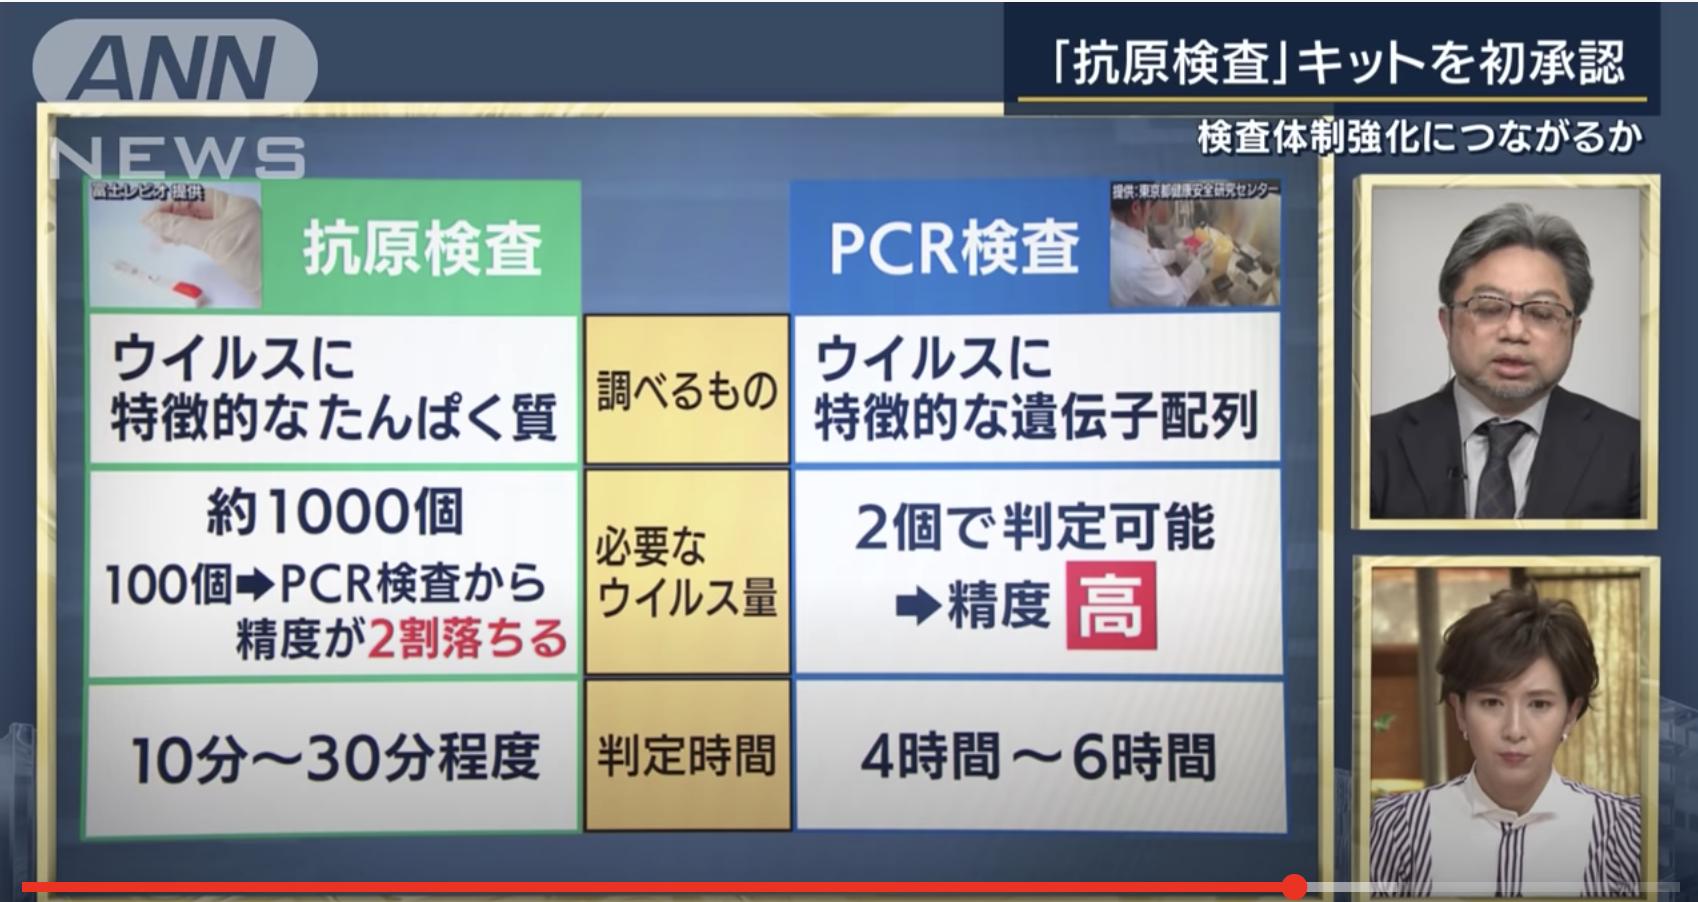 PCRとの比較